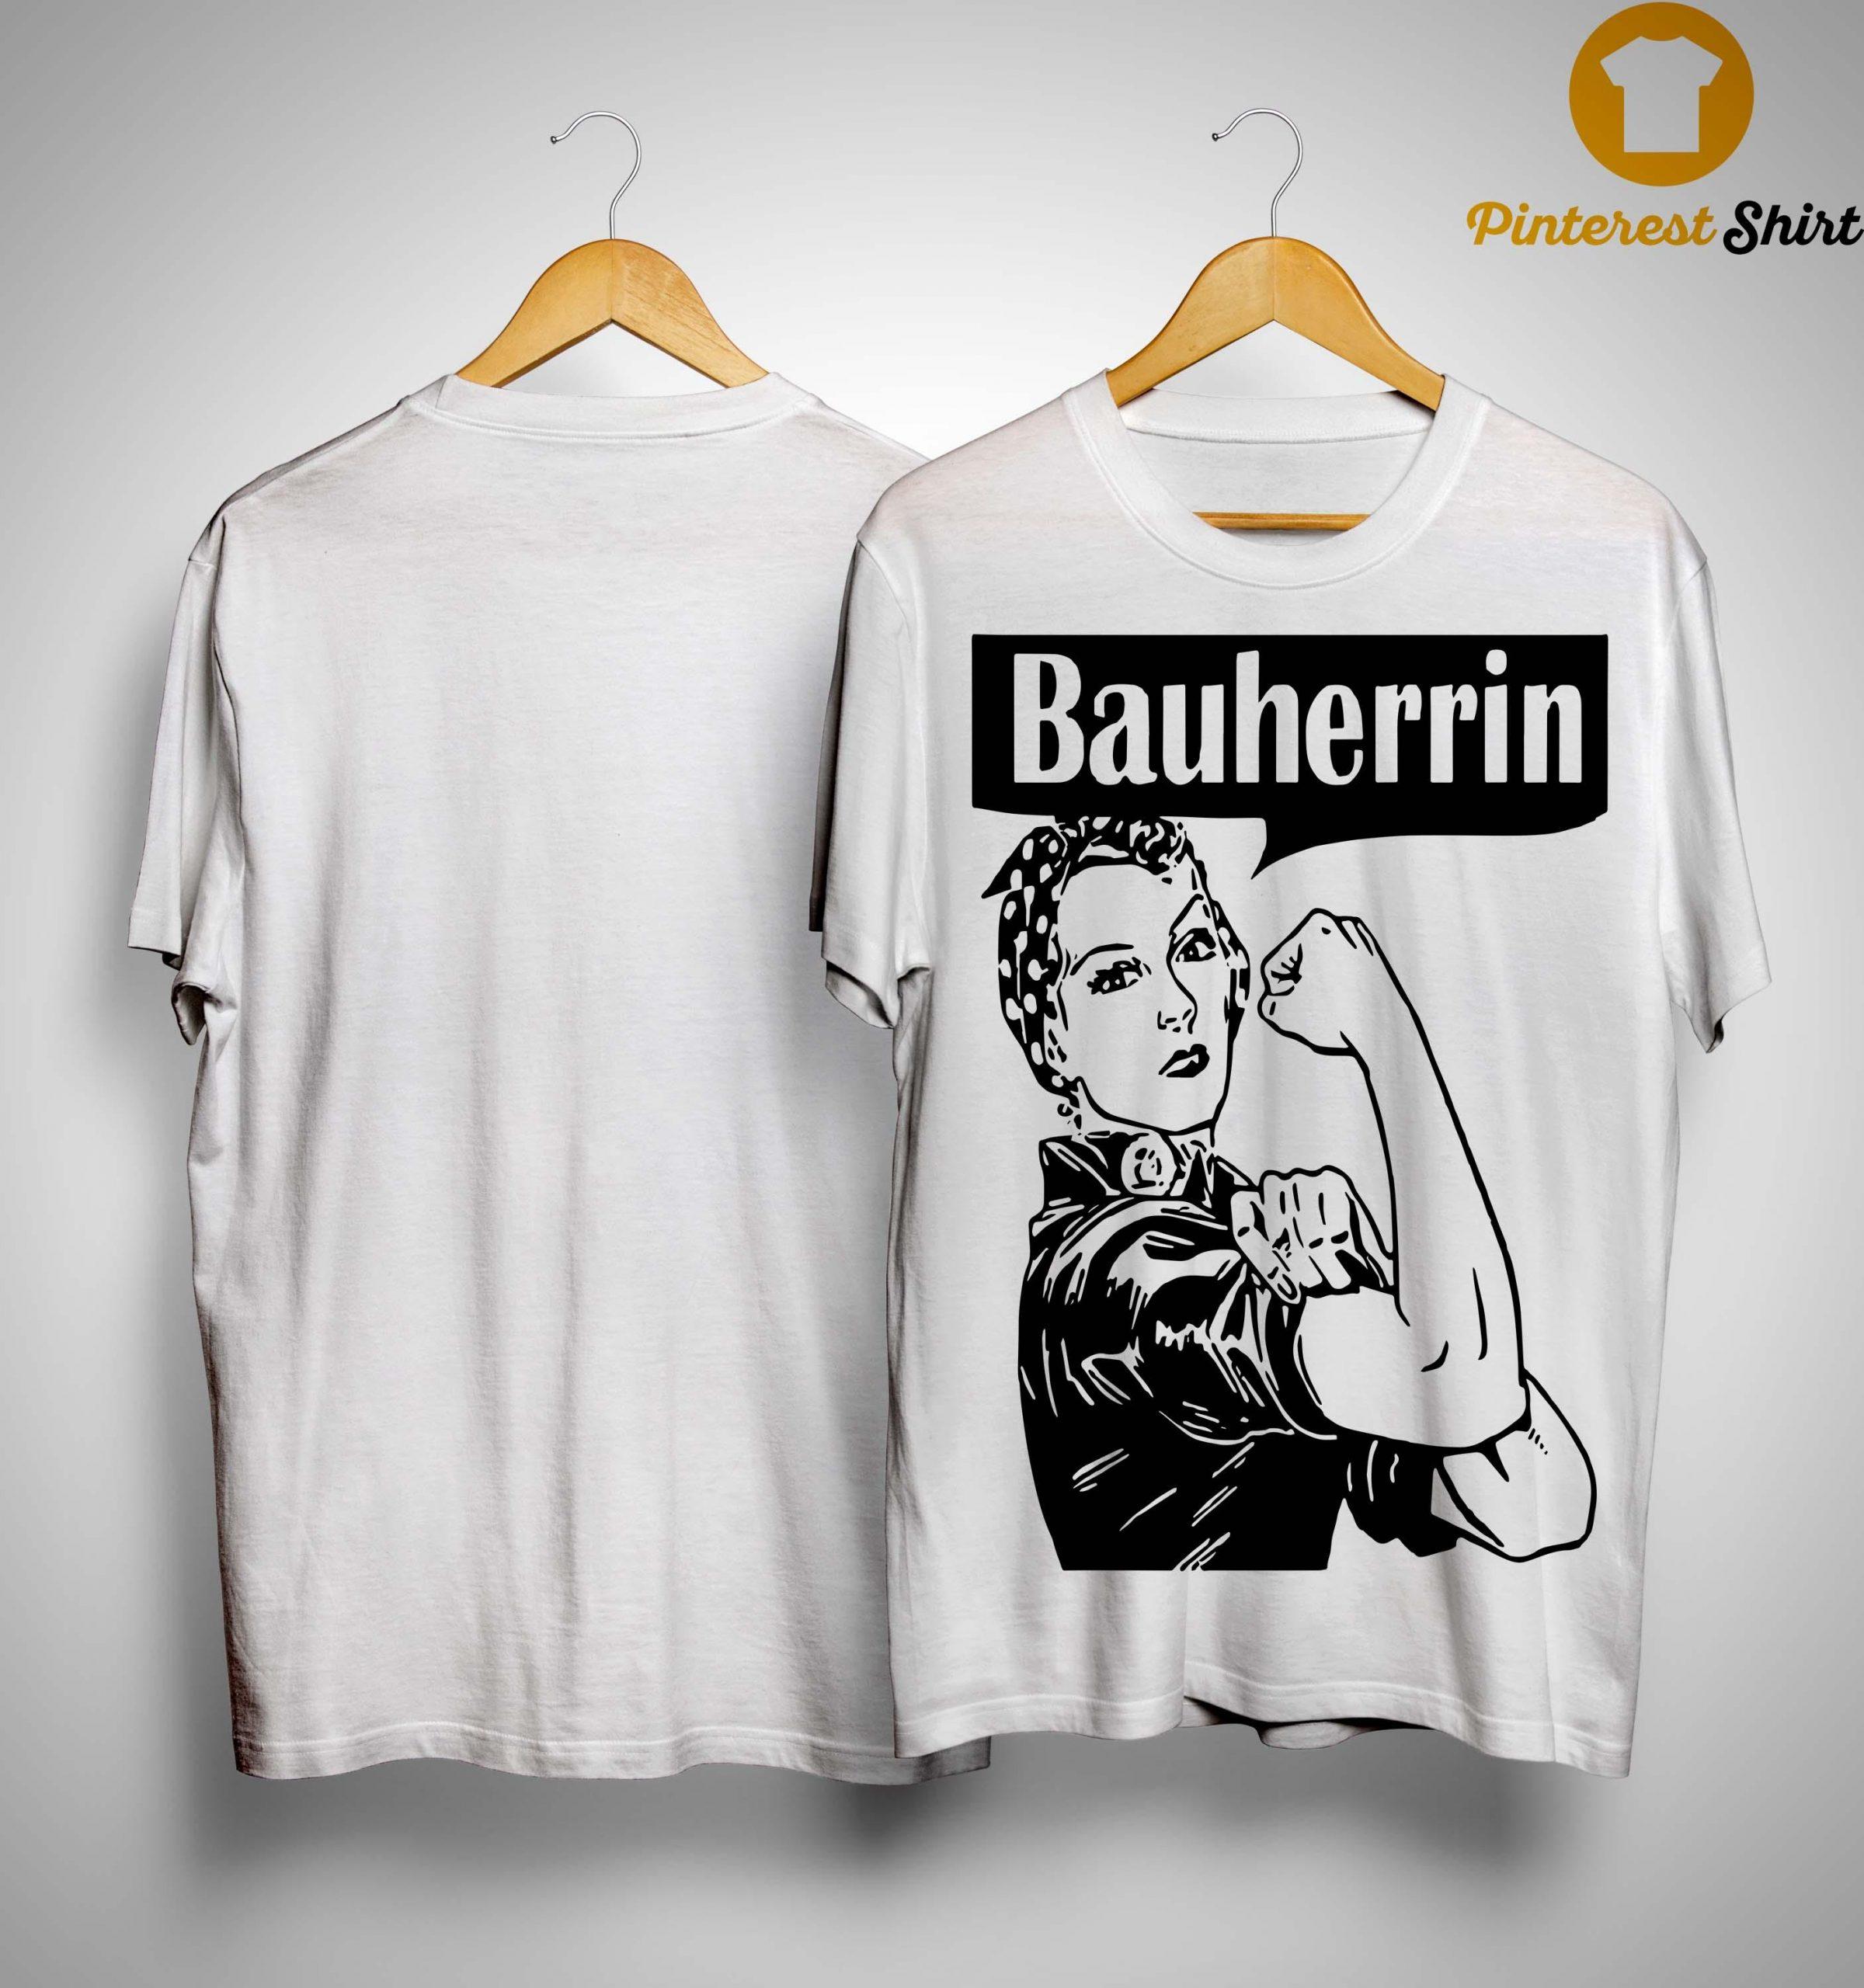 Bauherrin Shirt